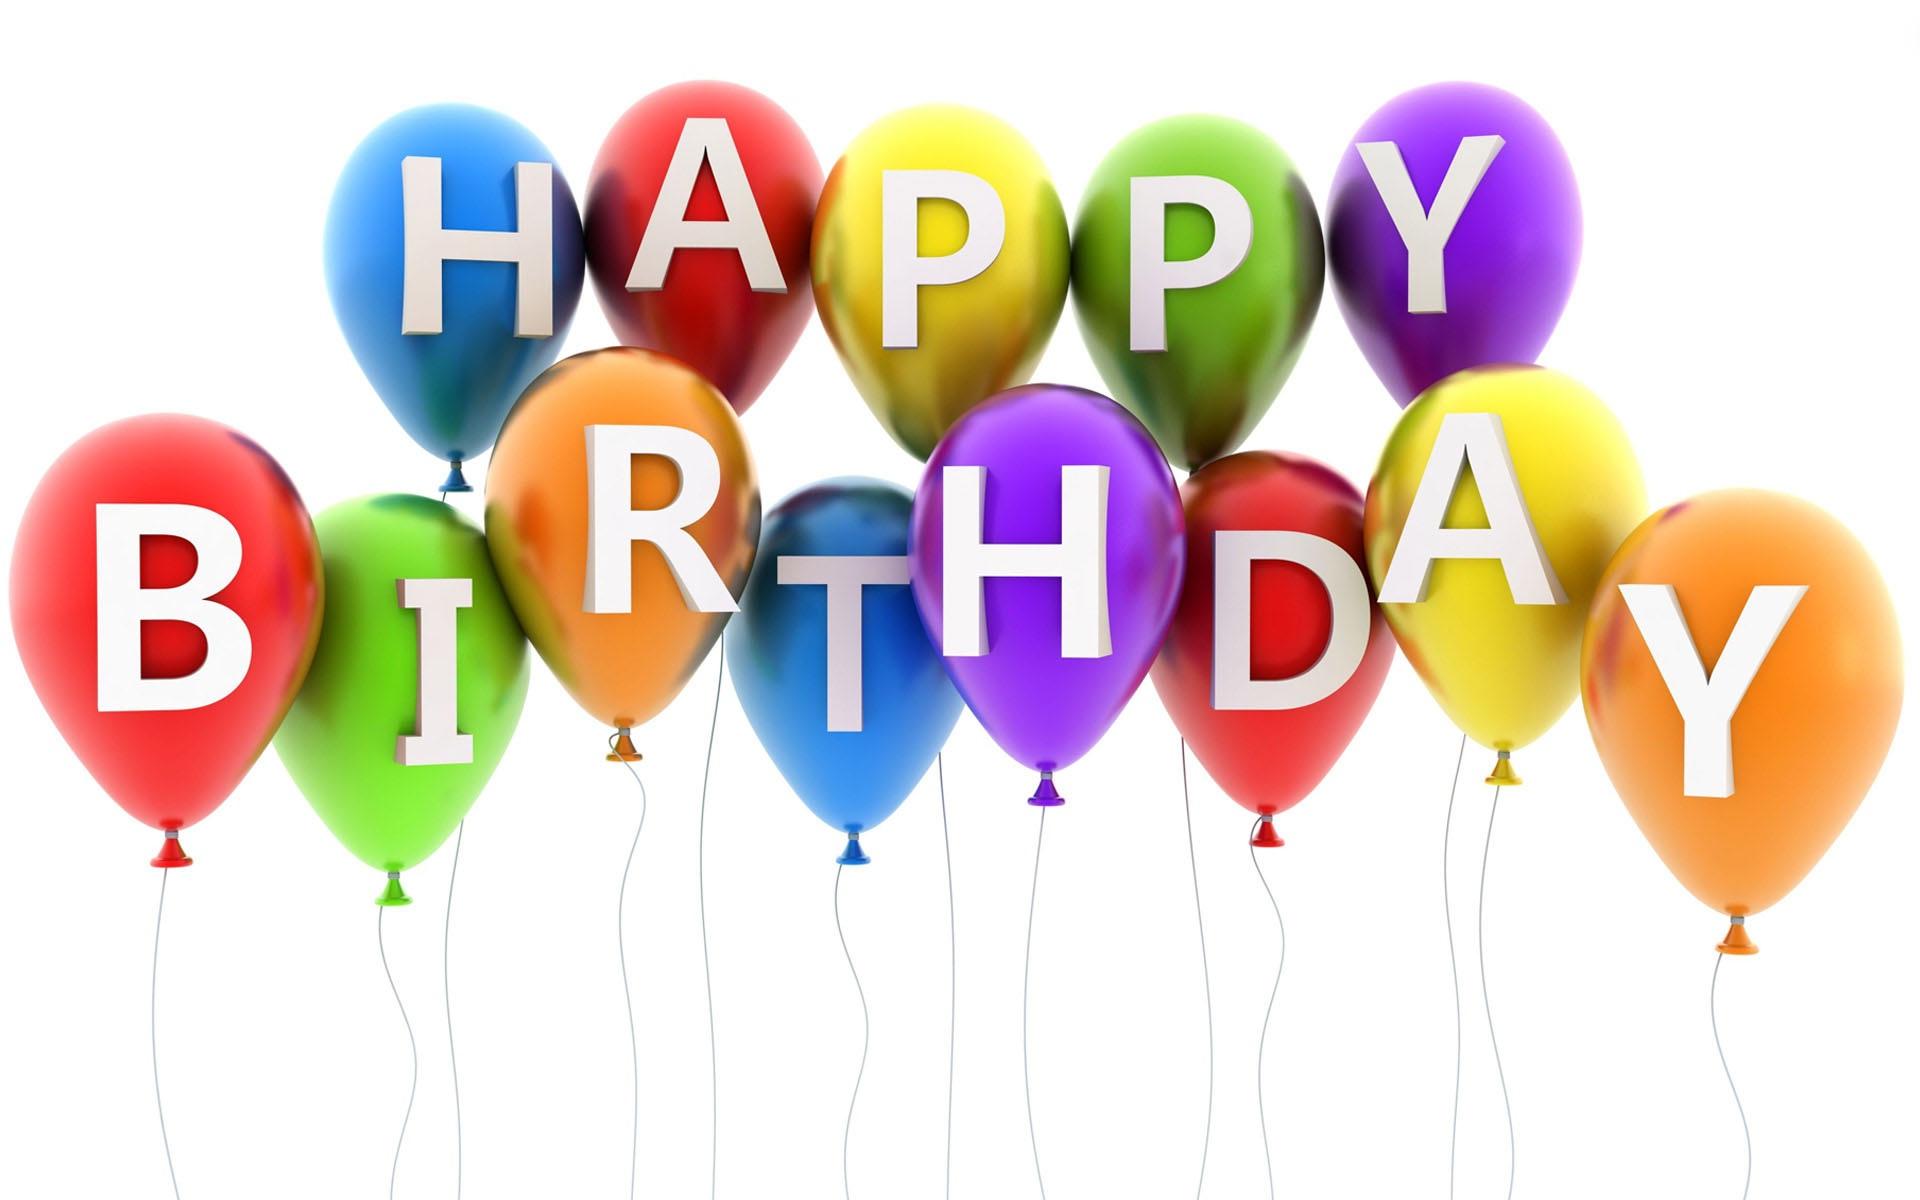 Happy birthday written on balloons 1920x1200